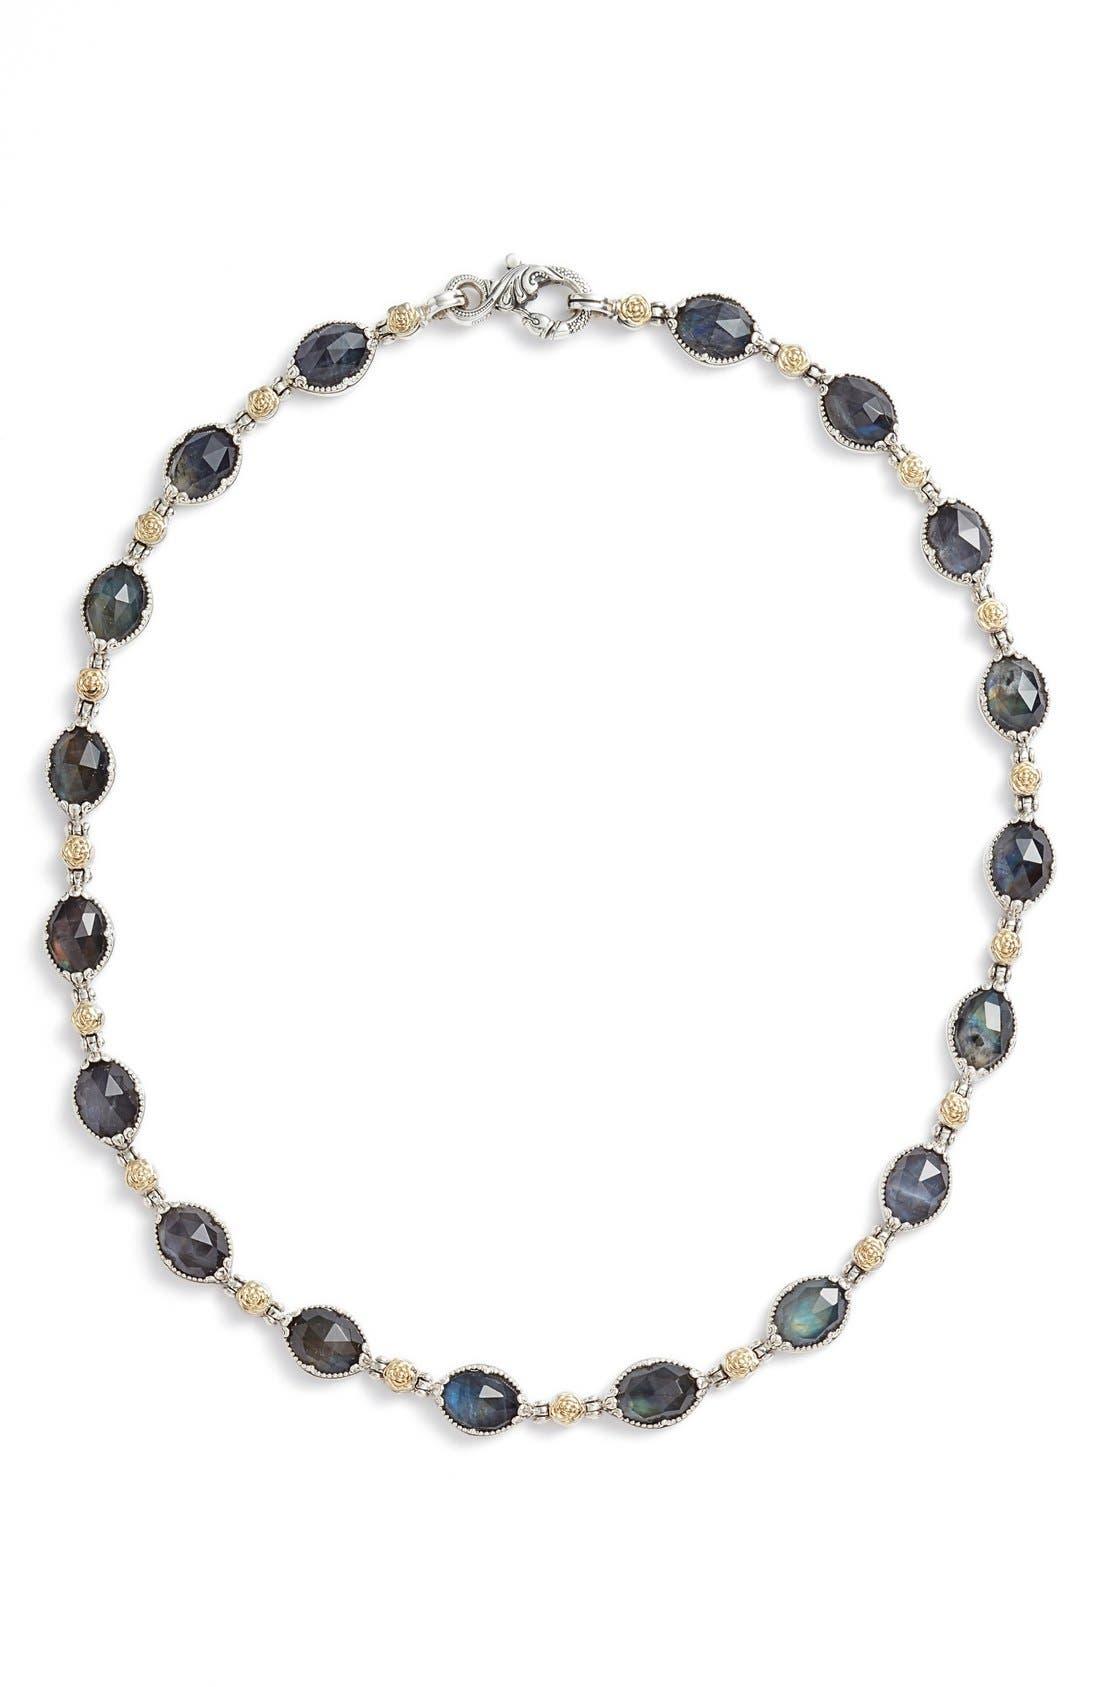 Cassiopeia Collar Necklace,                             Main thumbnail 1, color,                             Labradorite